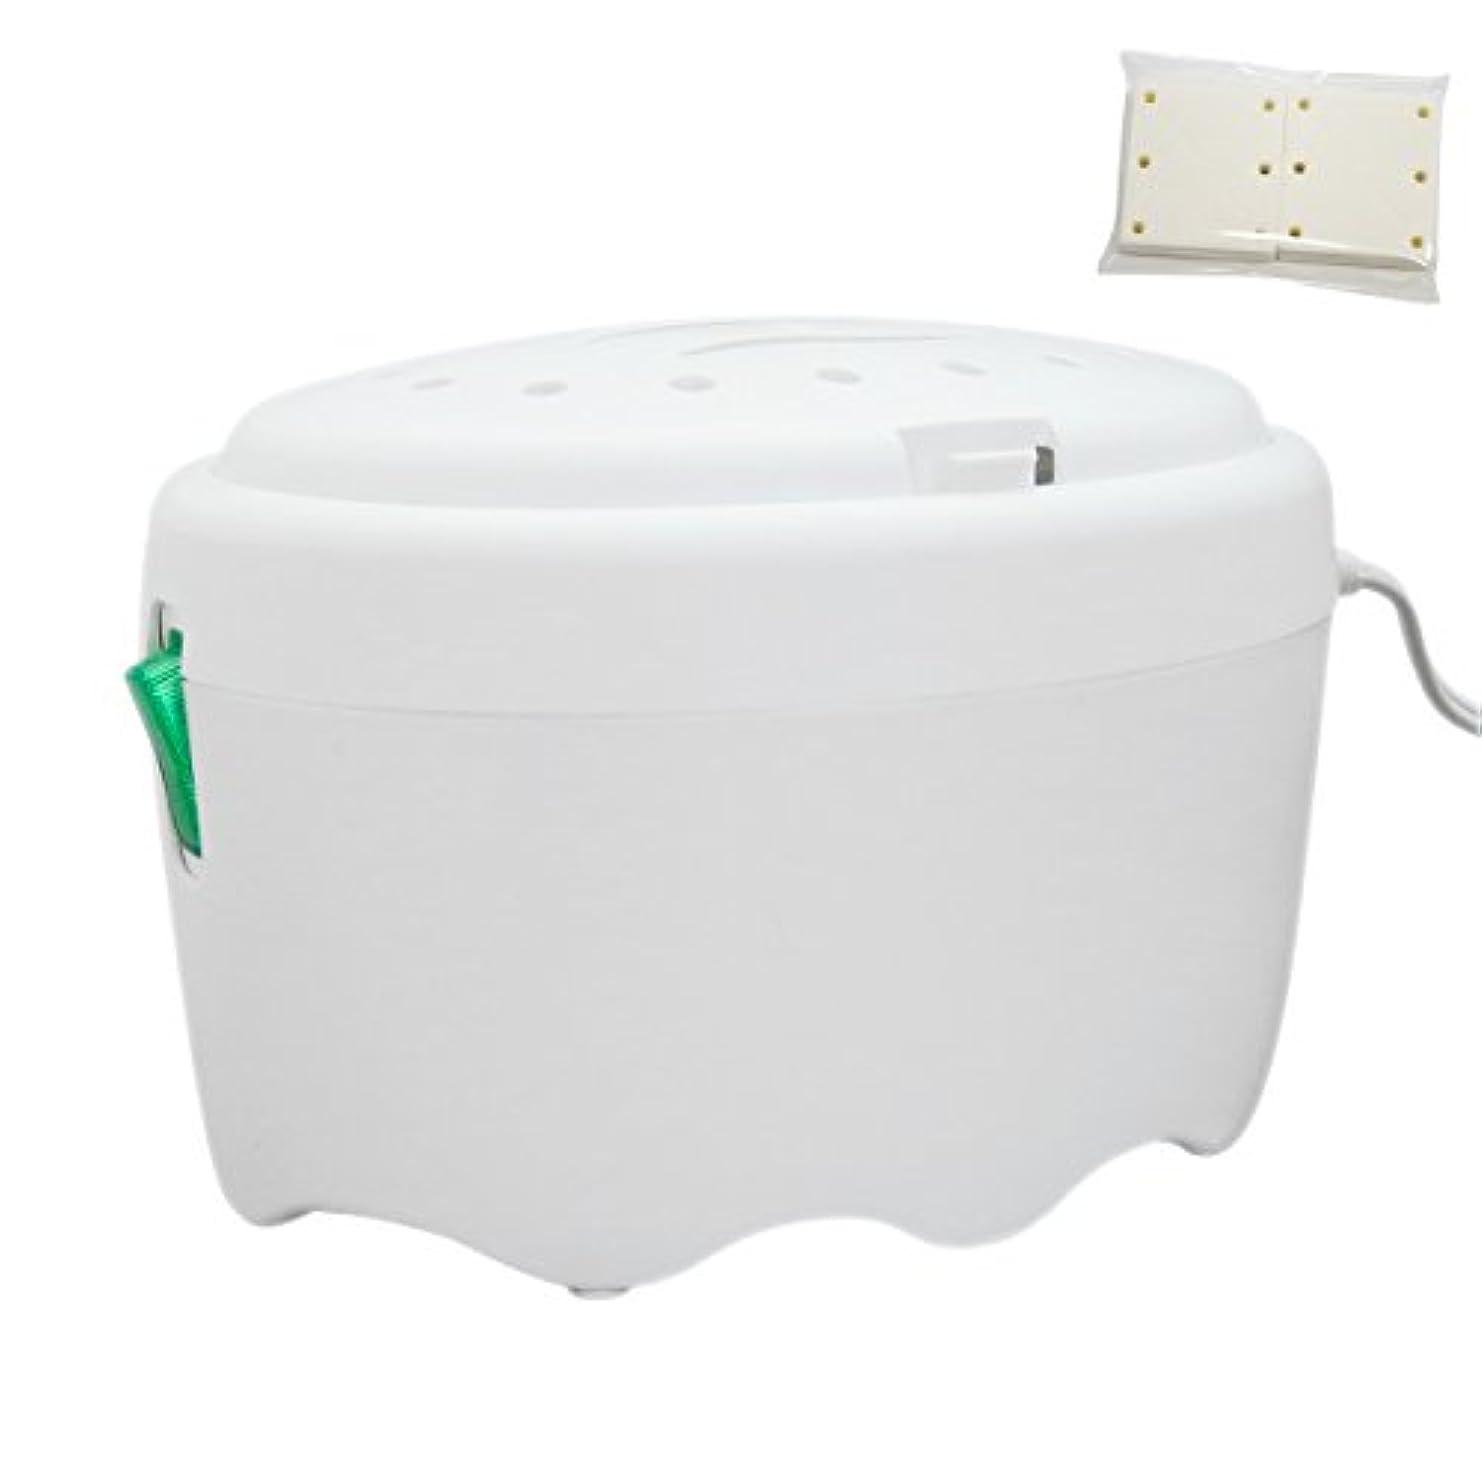 アロマブリーズ フレンズ ホワイト ファン式電源コードタイプ芳香器